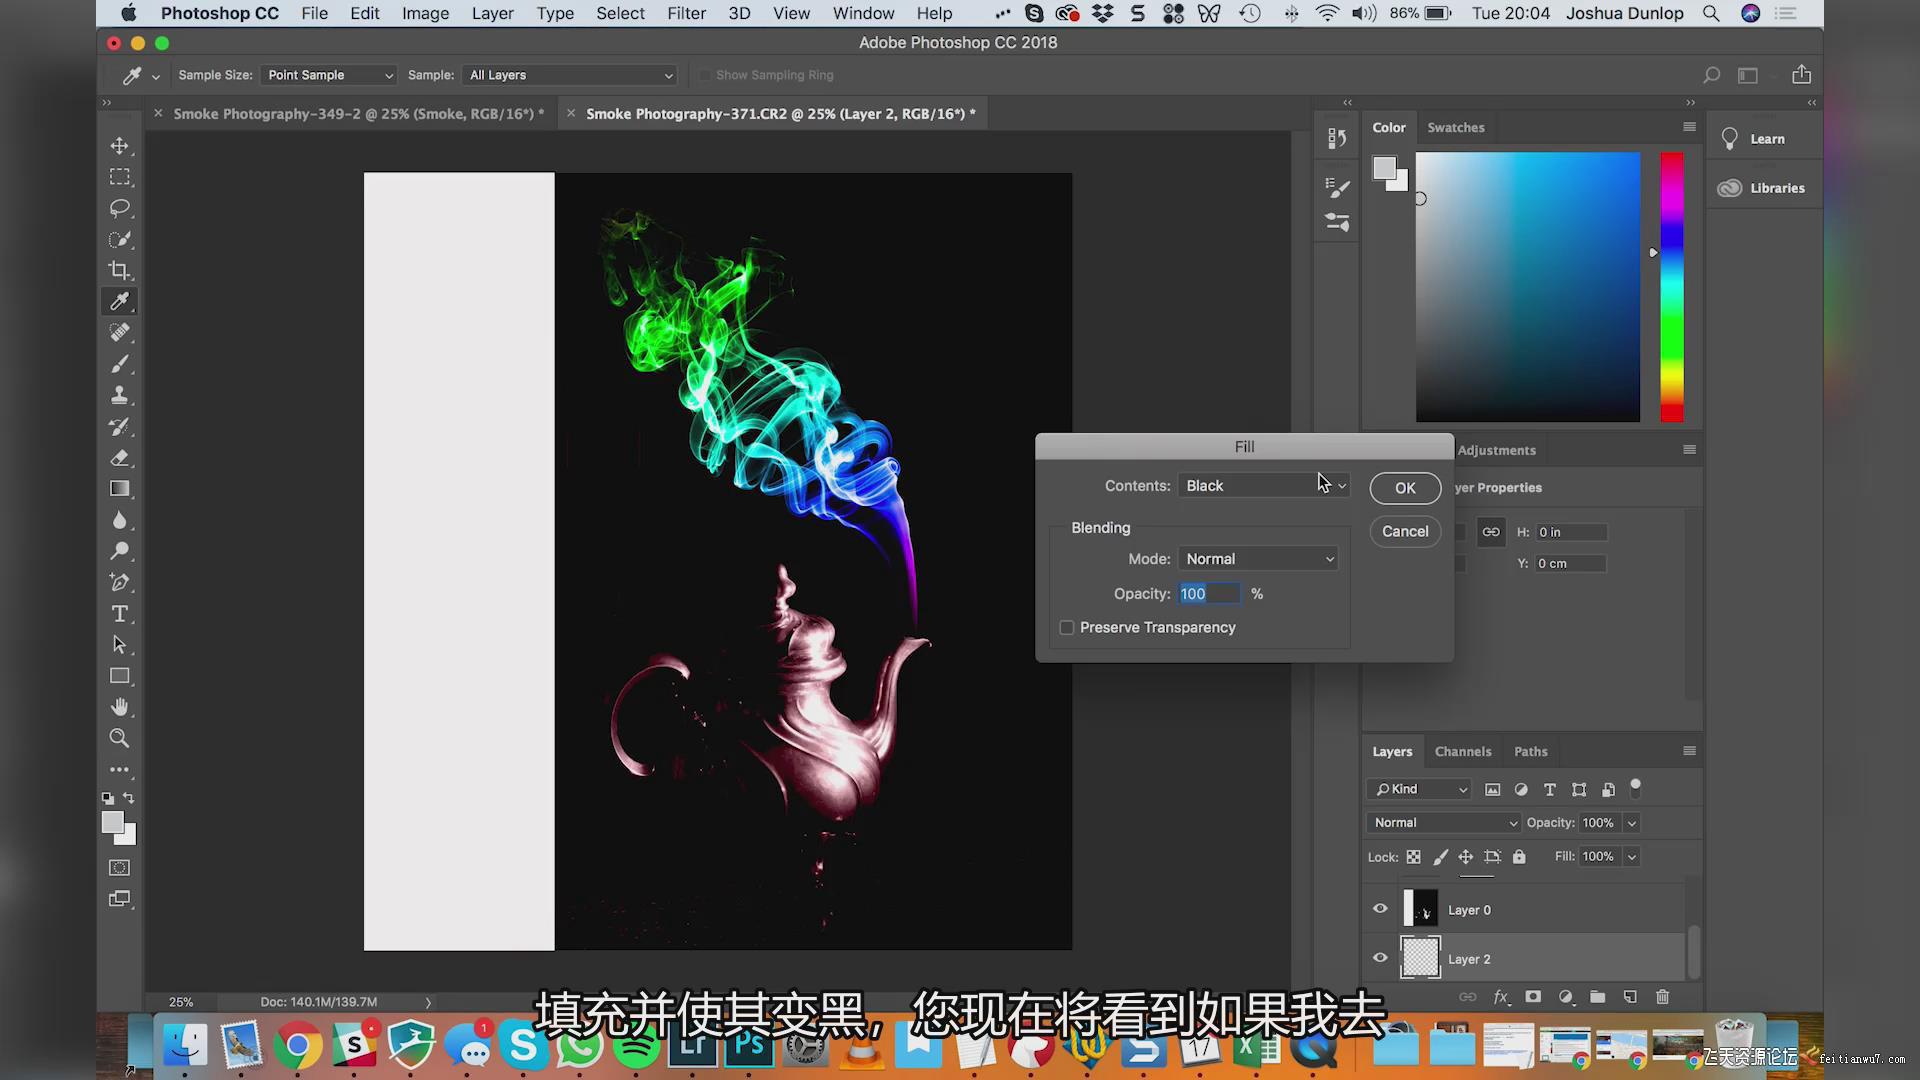 摄影教程_JOSHUA DUNLOP-30天创意摄影产品项目视频课程-中文字幕 摄影教程 _预览图13